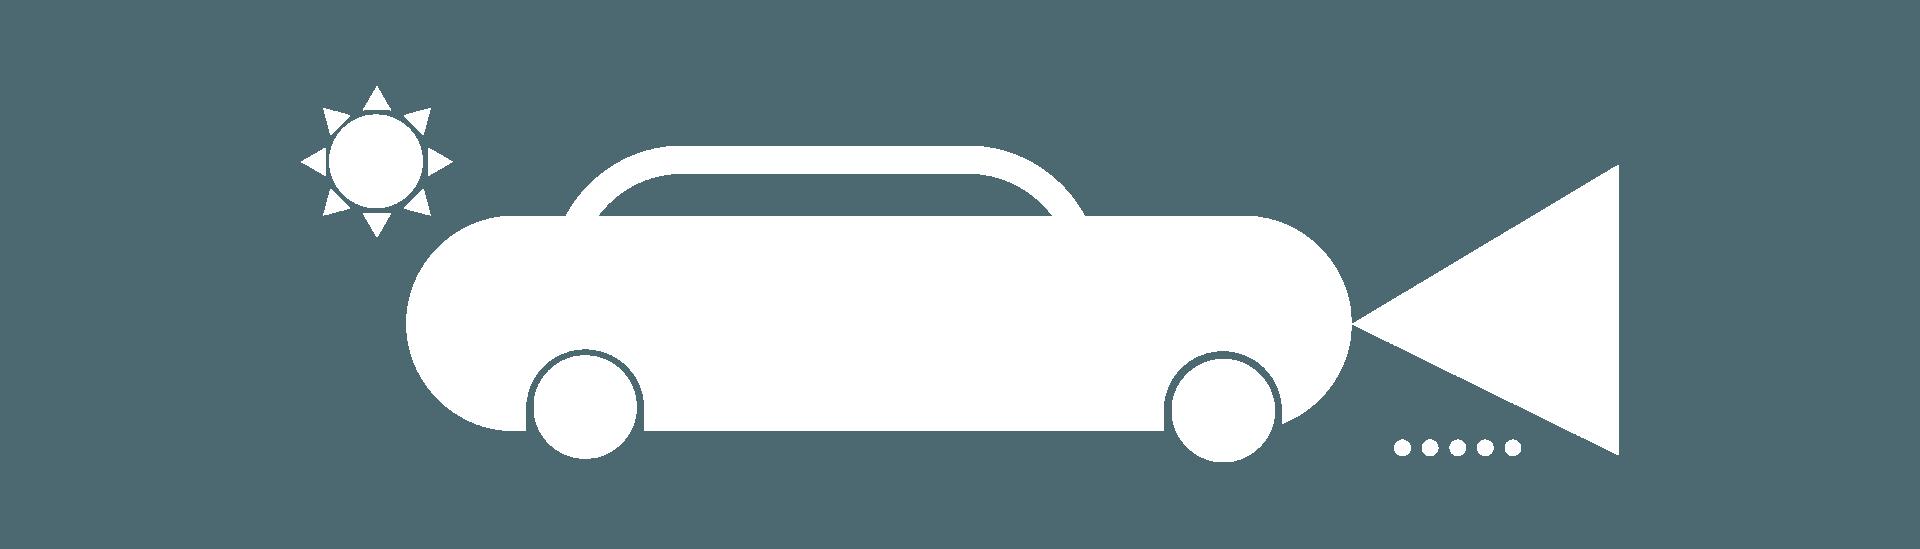 Auto Refinance $100 Bonus